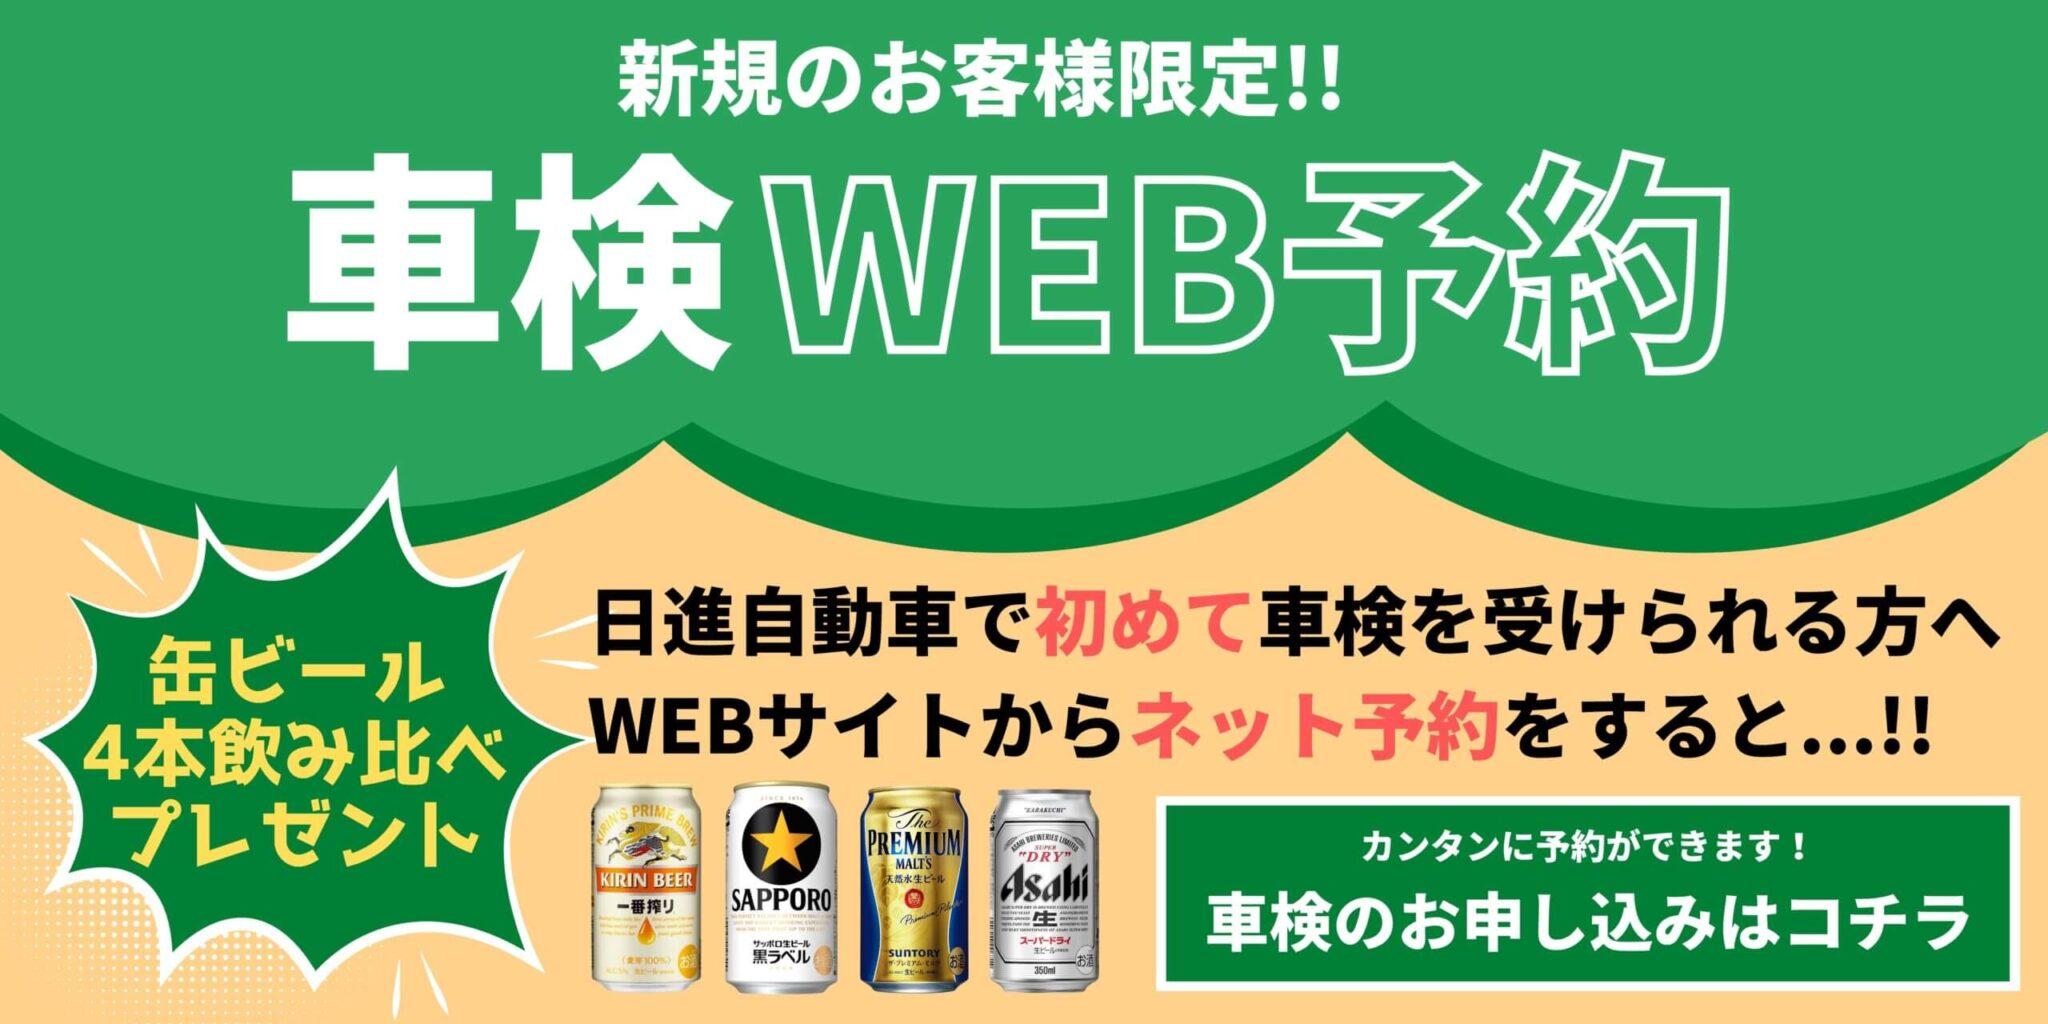 車検WEB予約キャンペーン!